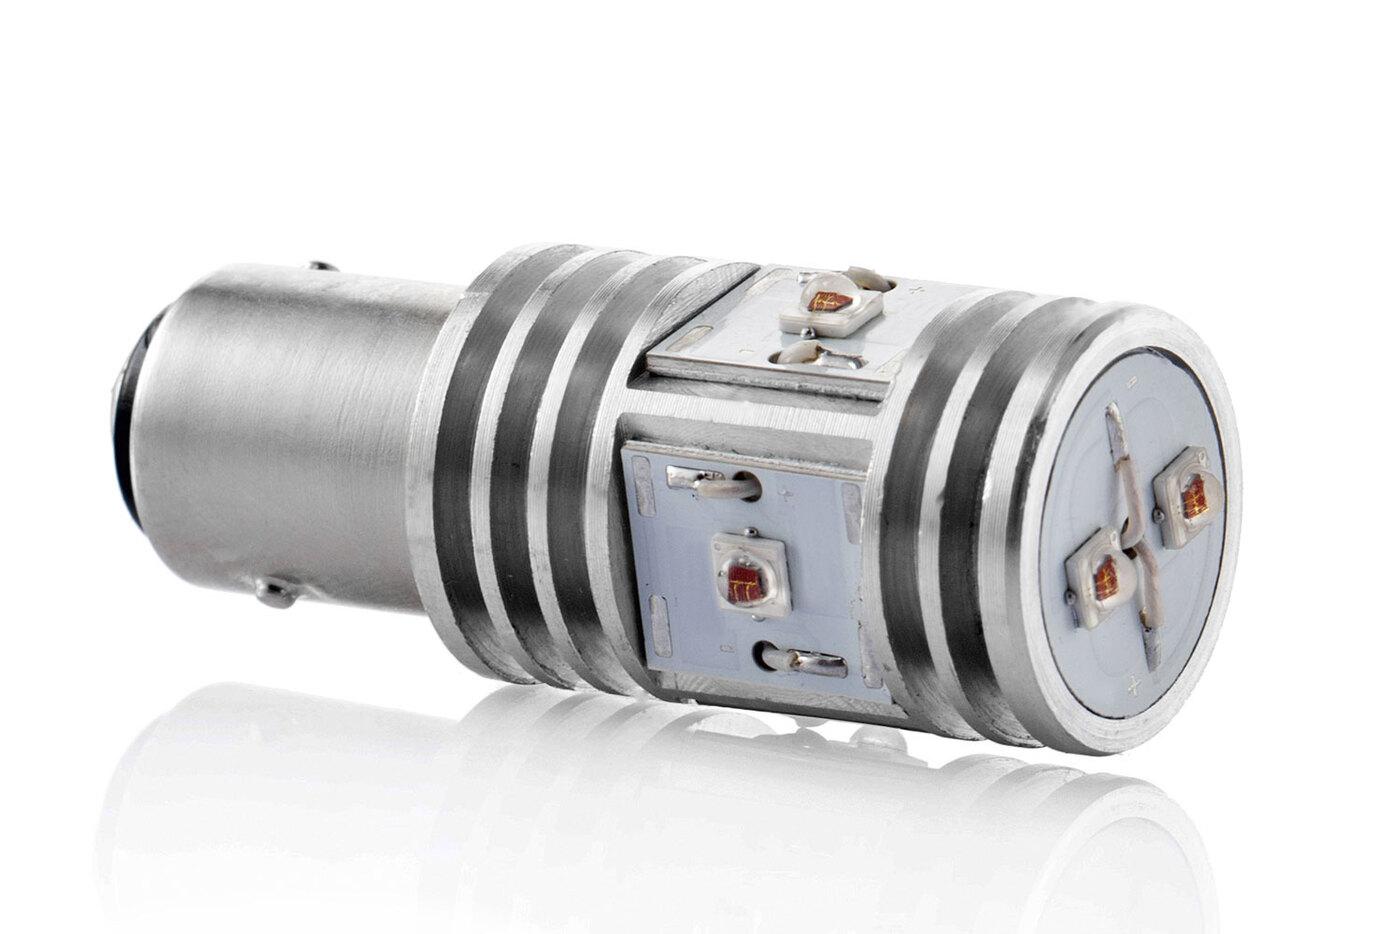 Автомобильная светодиодная лампа NeTuning P21/4W-6HL для задних габаритных огней, совмещенных с задними противотуманными фонарями, 60 / 800 Лм, 0,5 / 5 Вт, красный